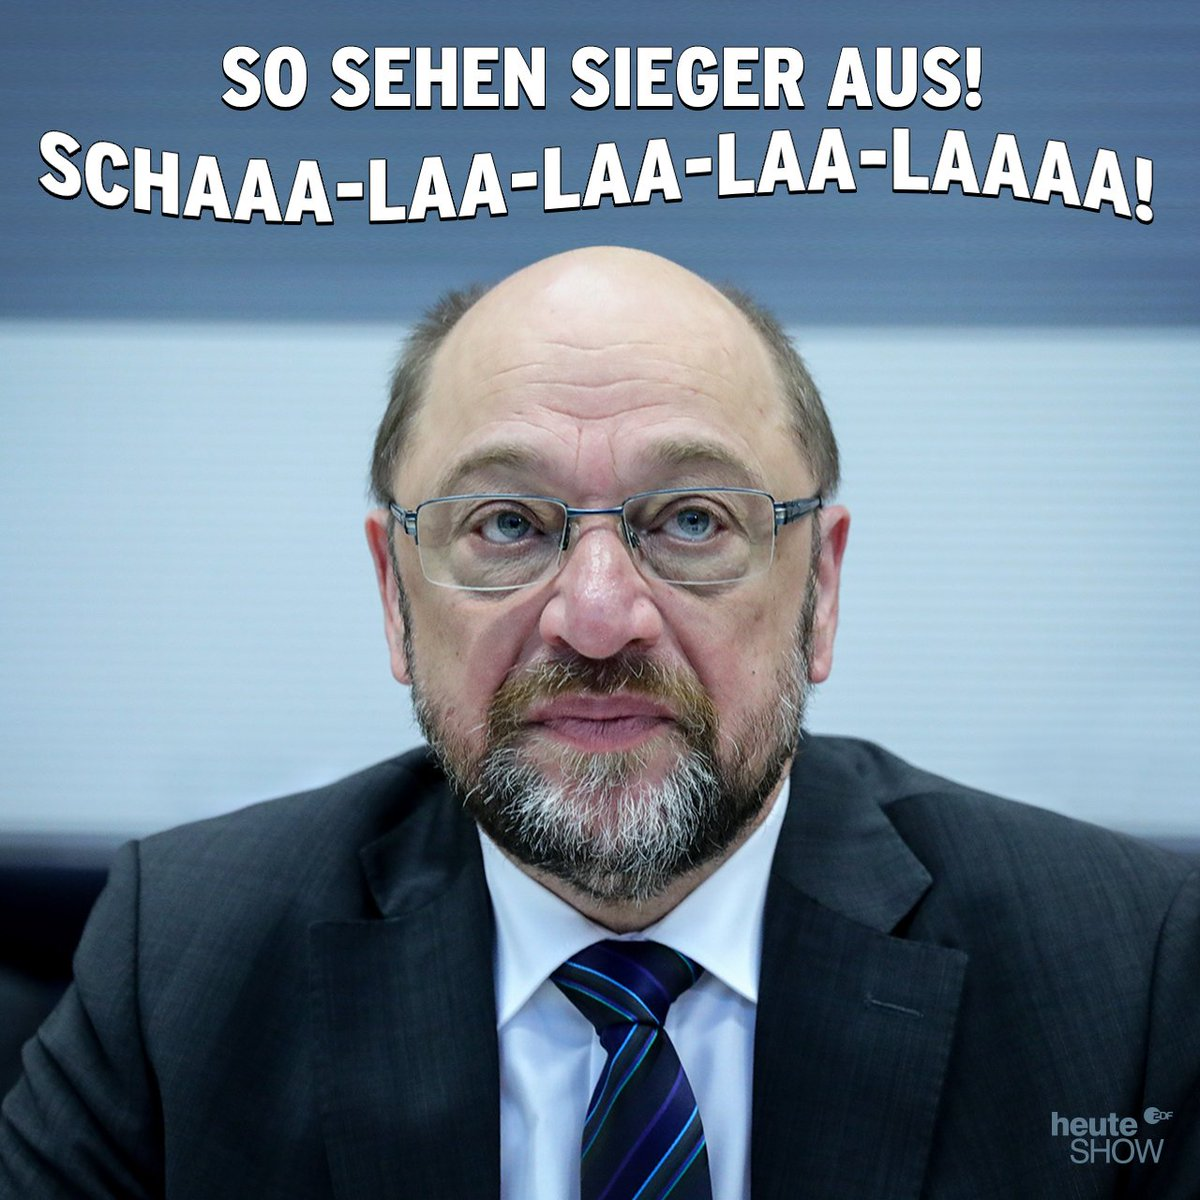 RT @heuteshow: Die SPD freut sich 2018 mehr nach innen. #spdbpt18 https://t.co/QTTzB4umT7